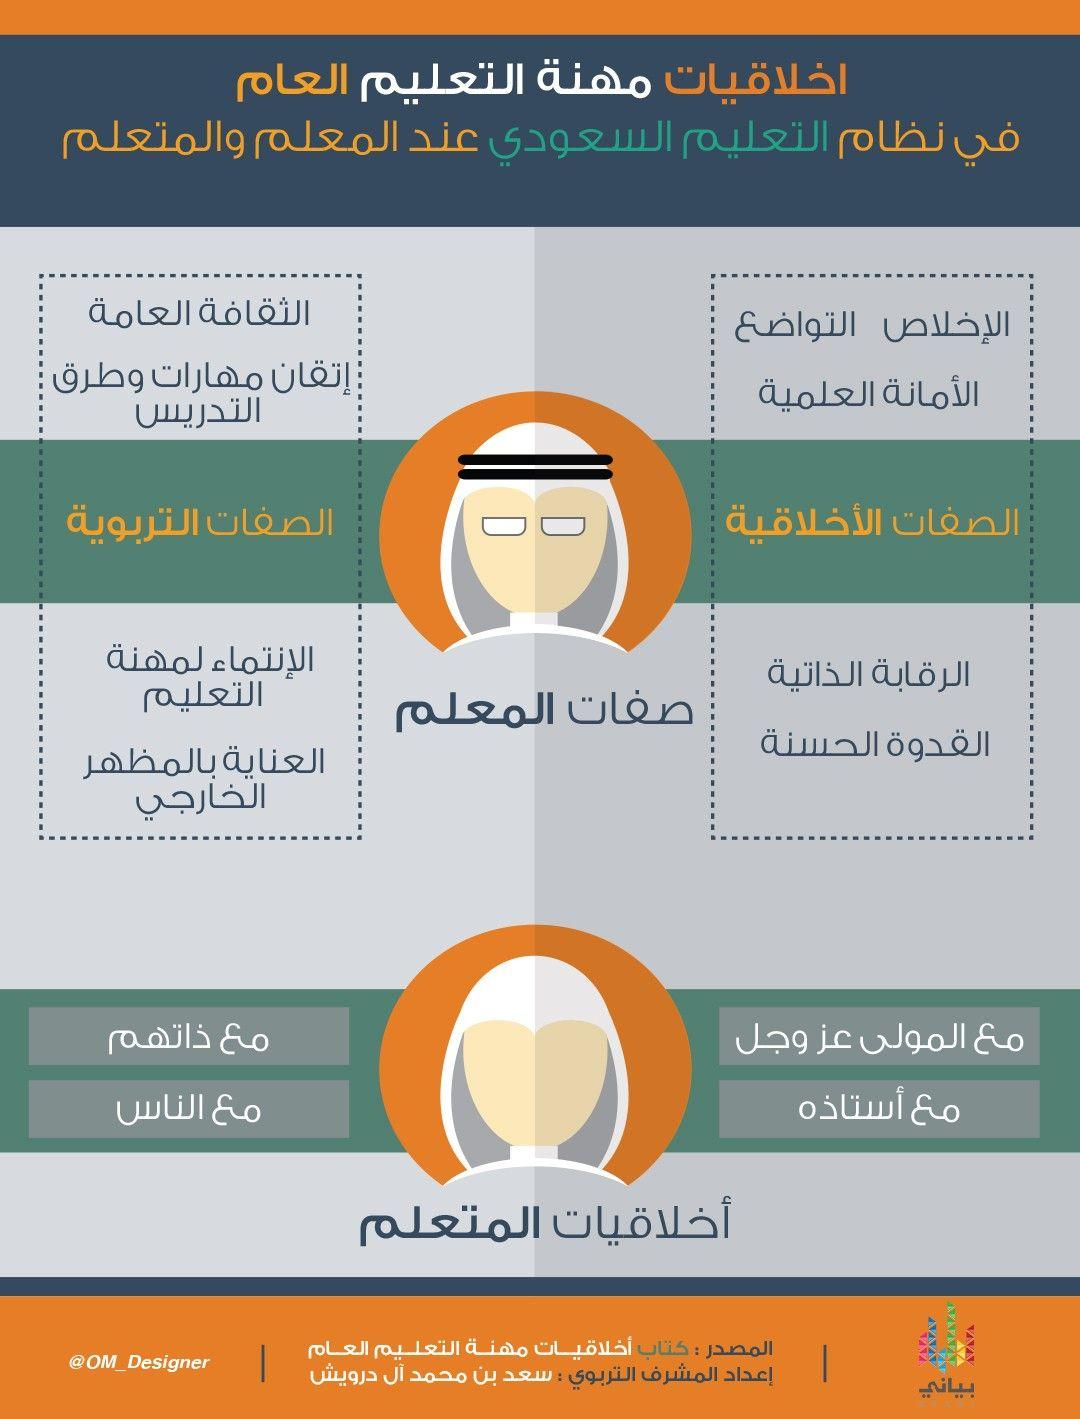 أخلاقيات مهنة التعليم العام في نظام التعليم السعودي عند المعلم والمتعلم انفوجرافيك في بياني Retail Logos Lululemon Logo Logos